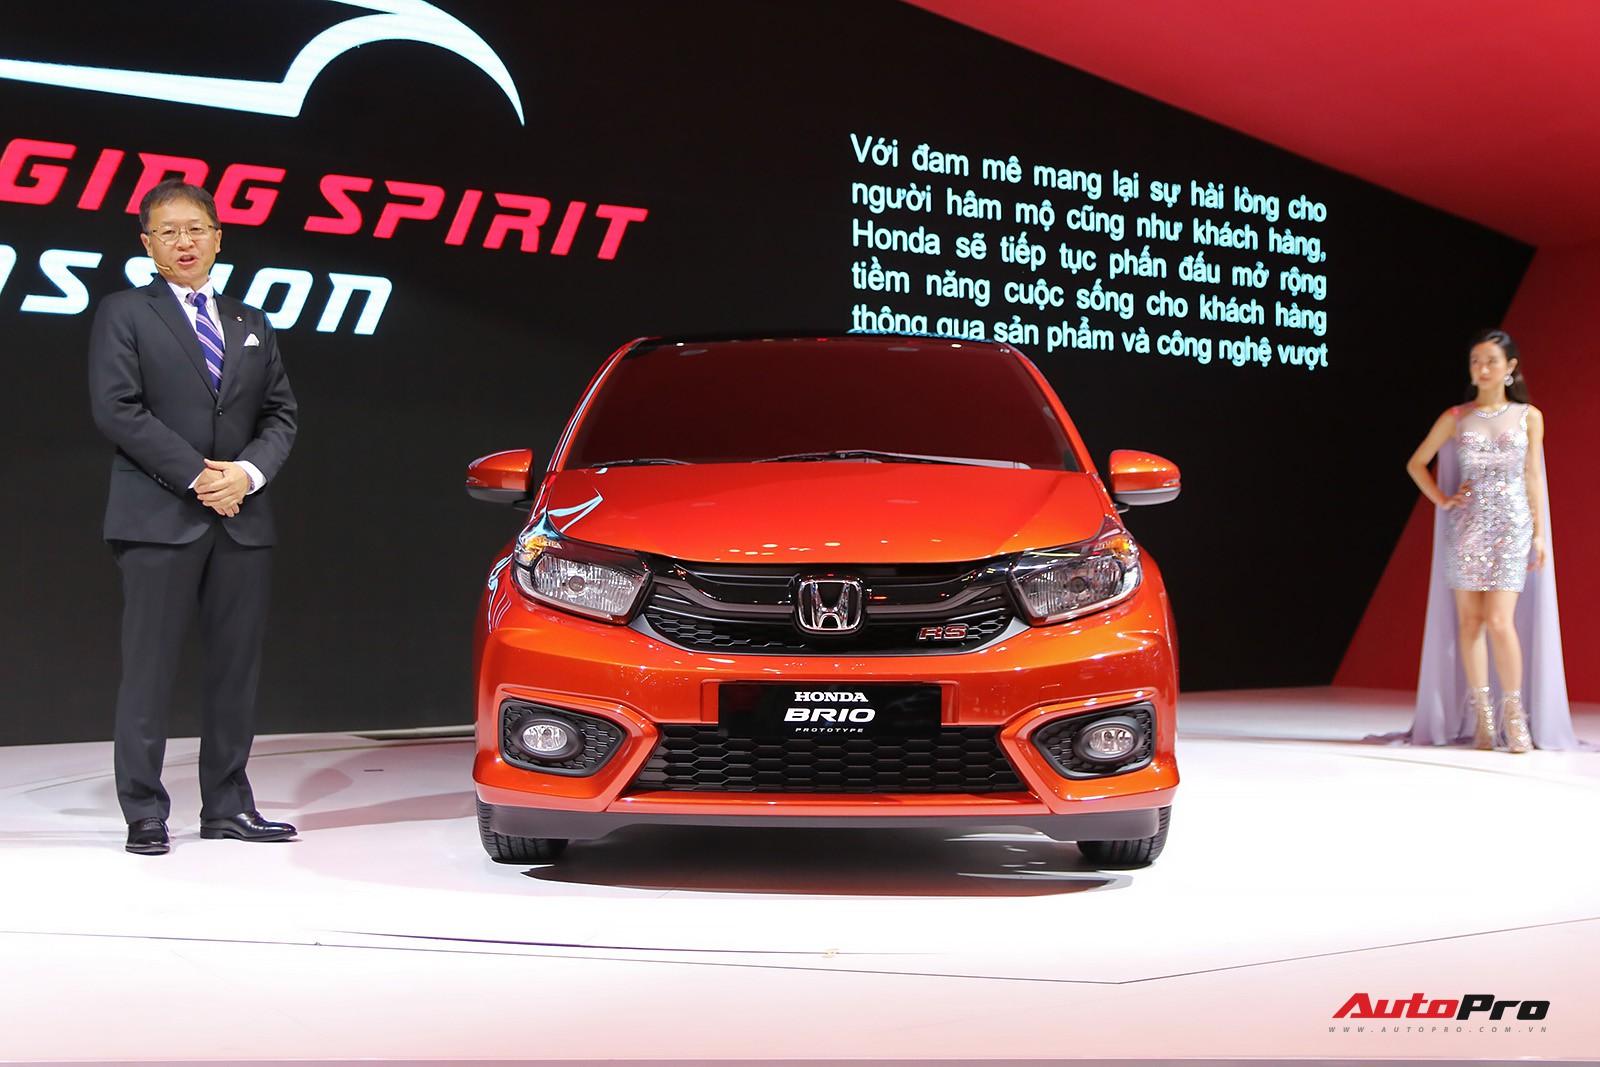 Đại lý đã nhận đặt cọc và hẹn giao xe cho dòng Honda Brio và BR-V